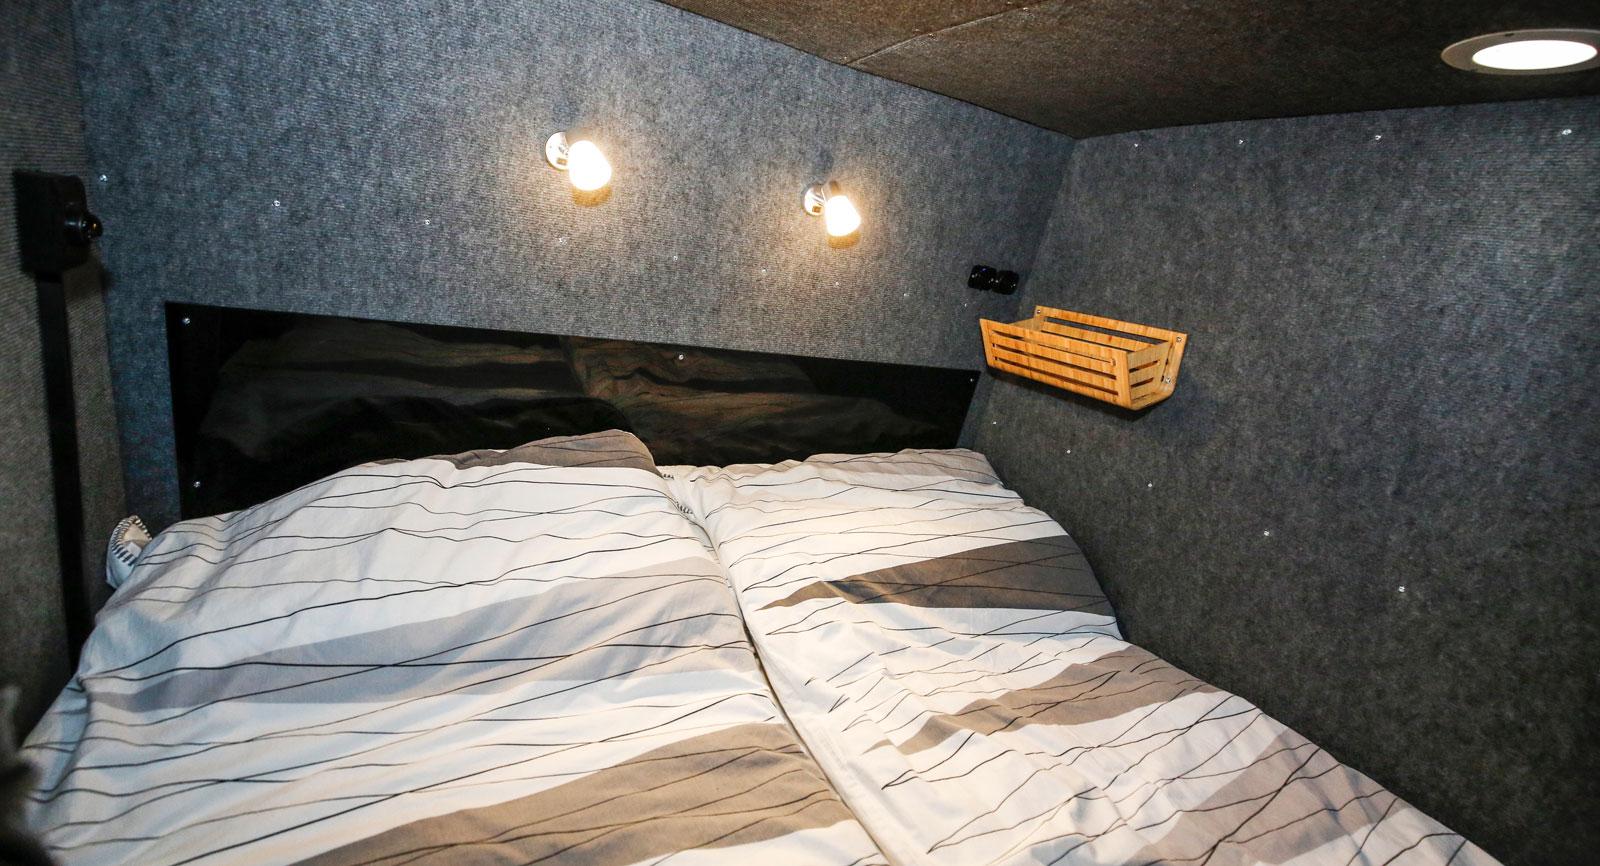 Sovdelen längst bak är välisolerad och har både usb-uttag och 12V. All belysning interiört är av LED-typ.